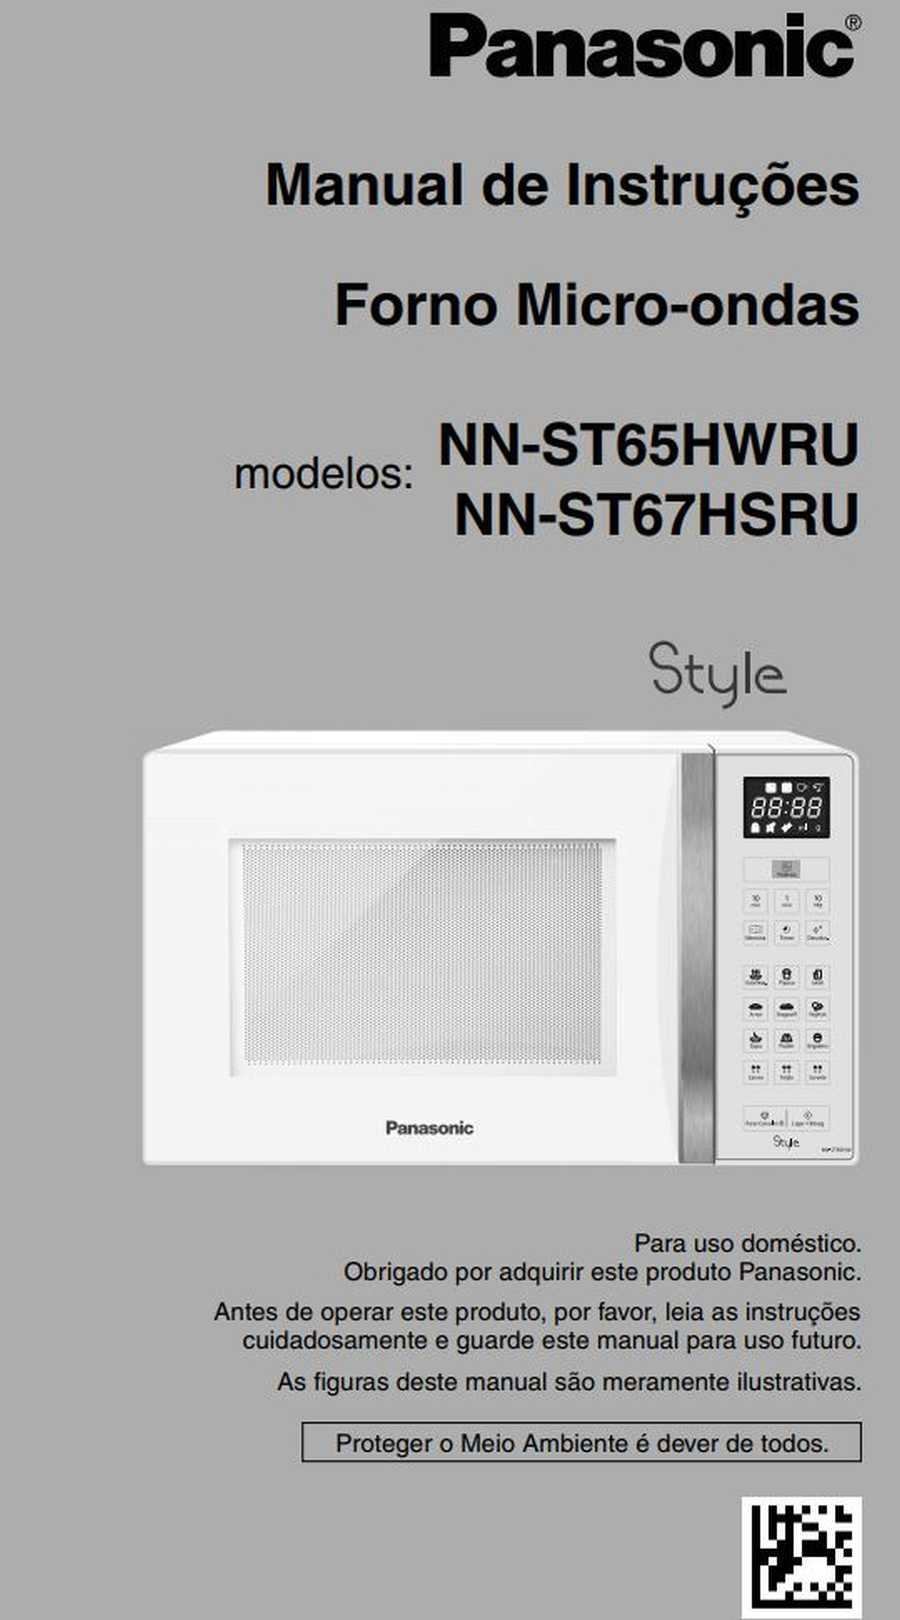 Manual de instruções do microondas Panasonic NN-ST67H - Capa